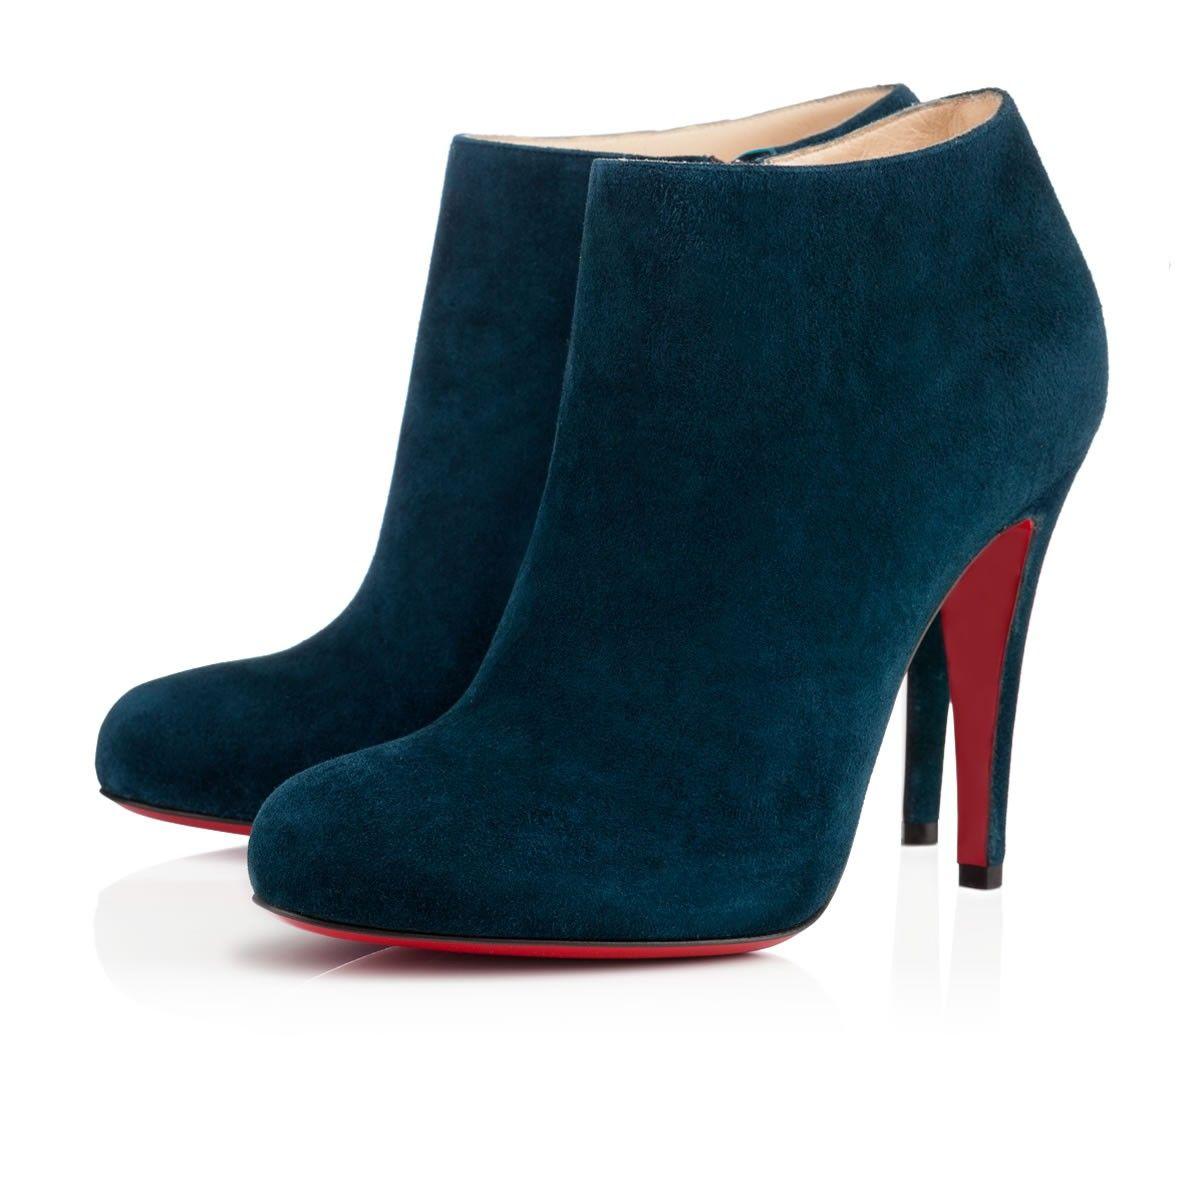 louboutin bottines bleues